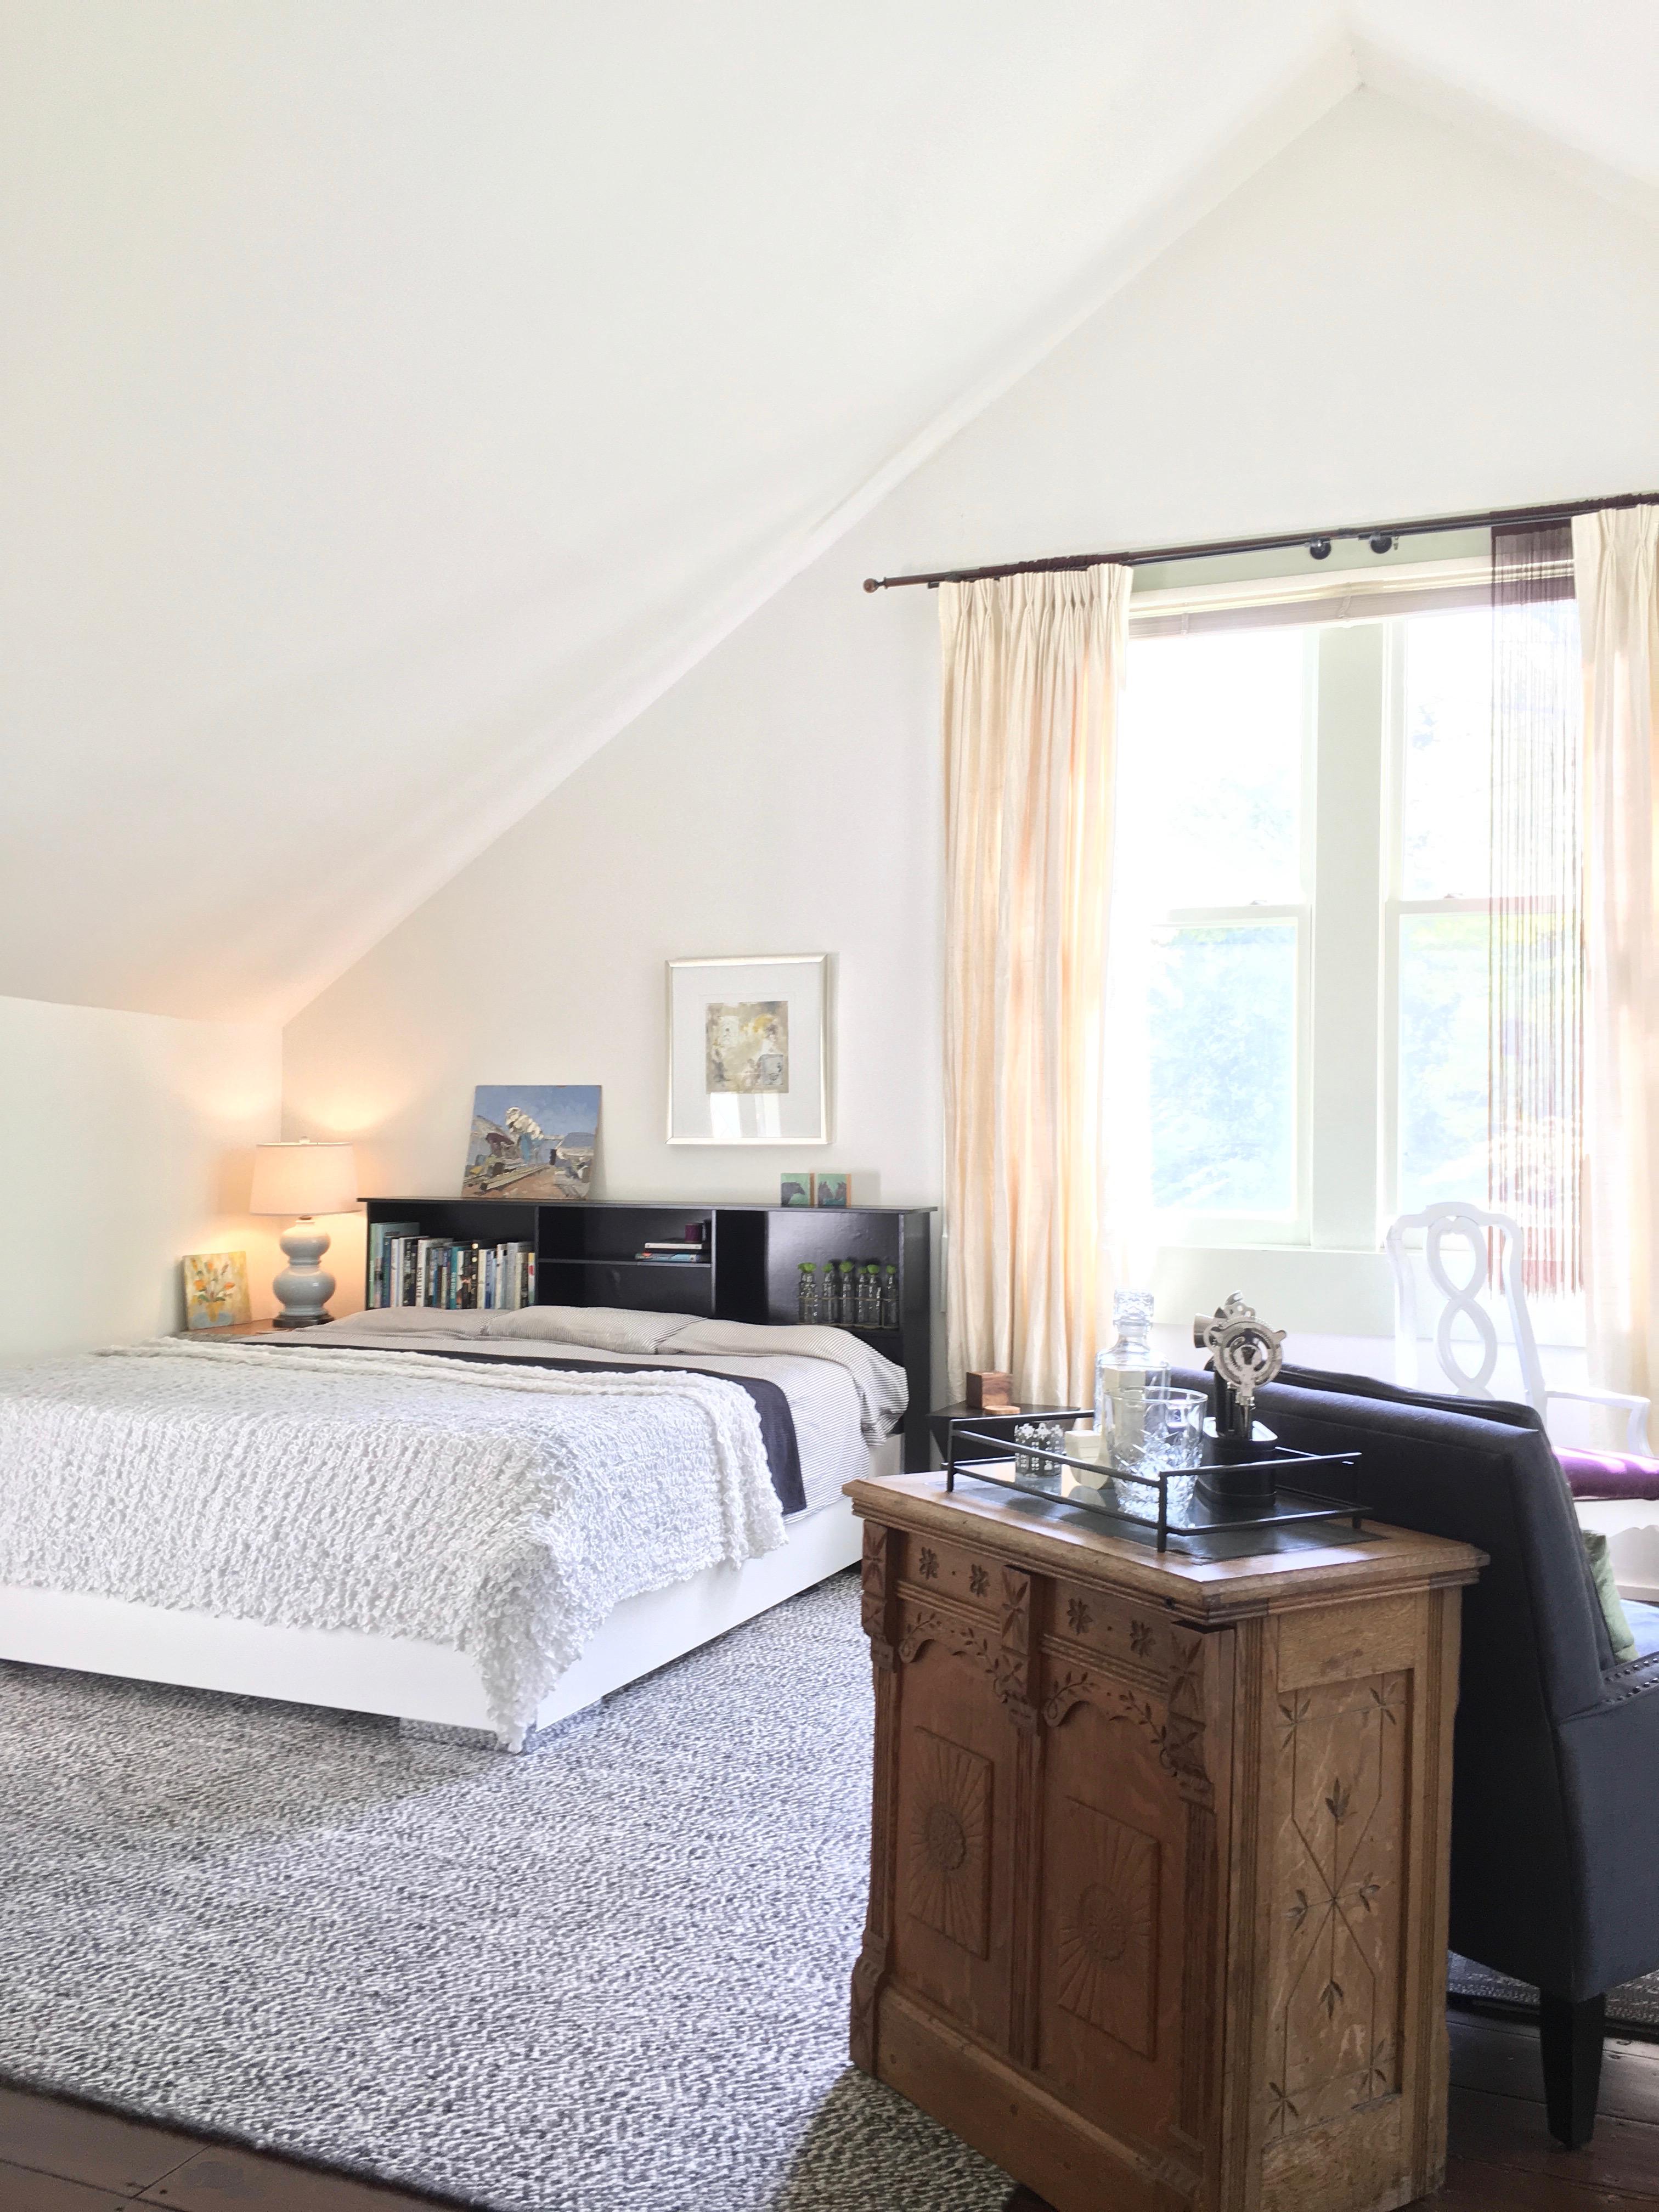 Barn home sleeping loft